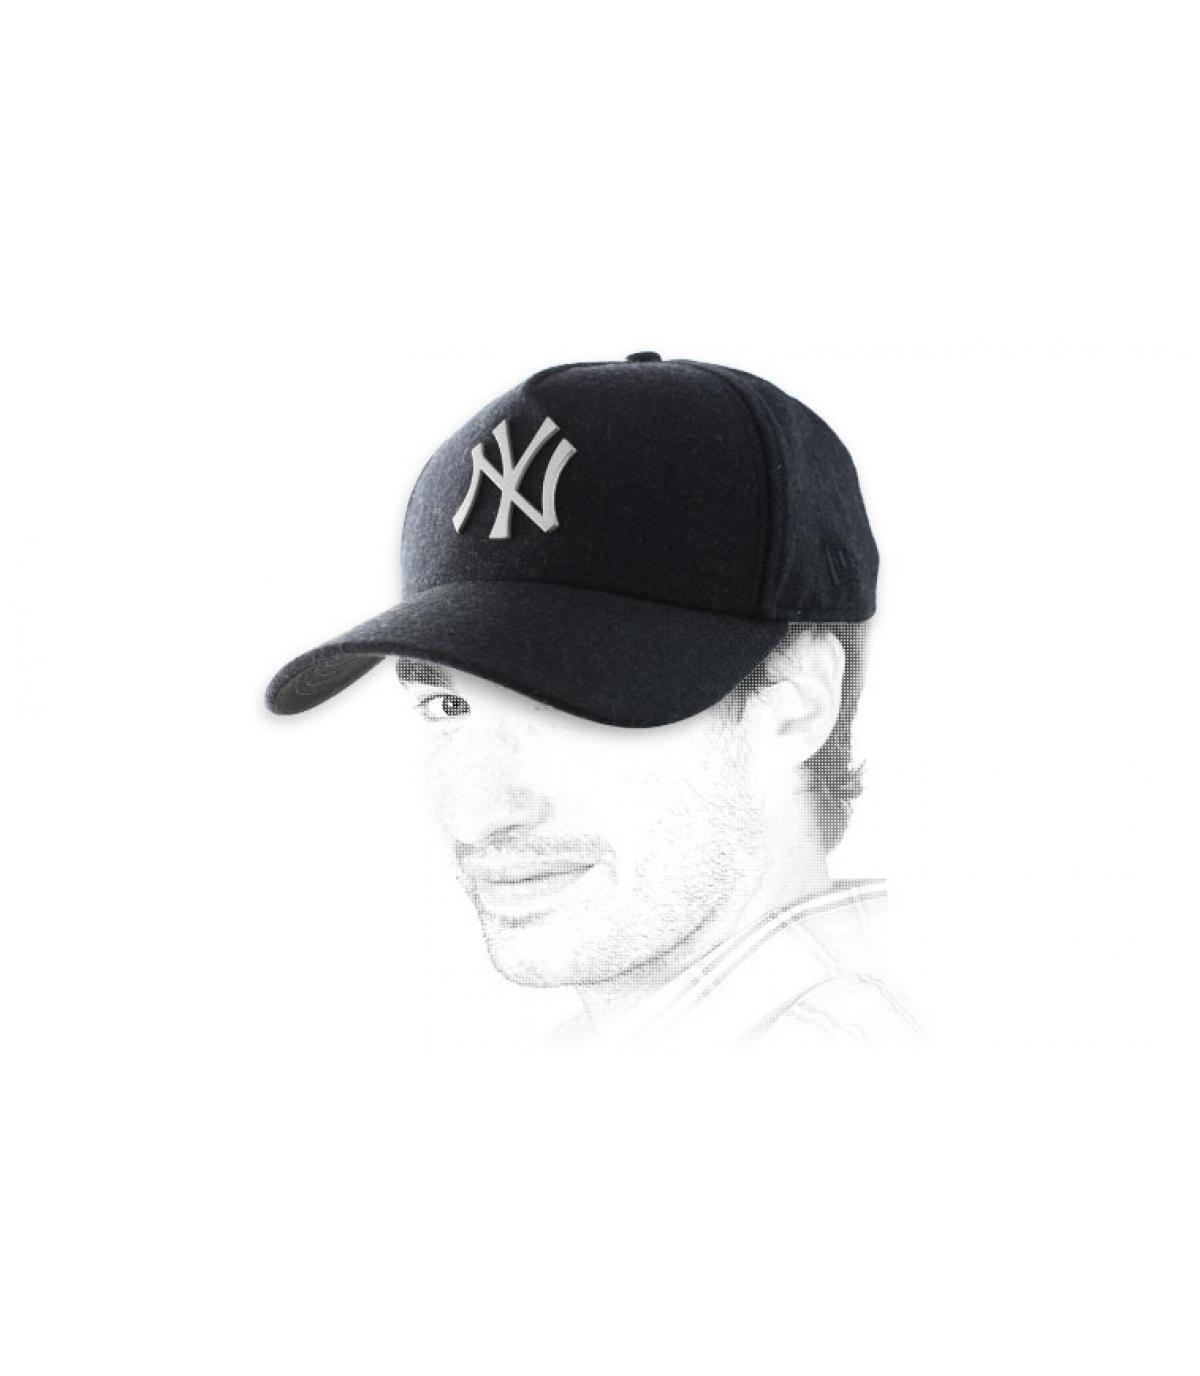 casquette NY noire logo métal